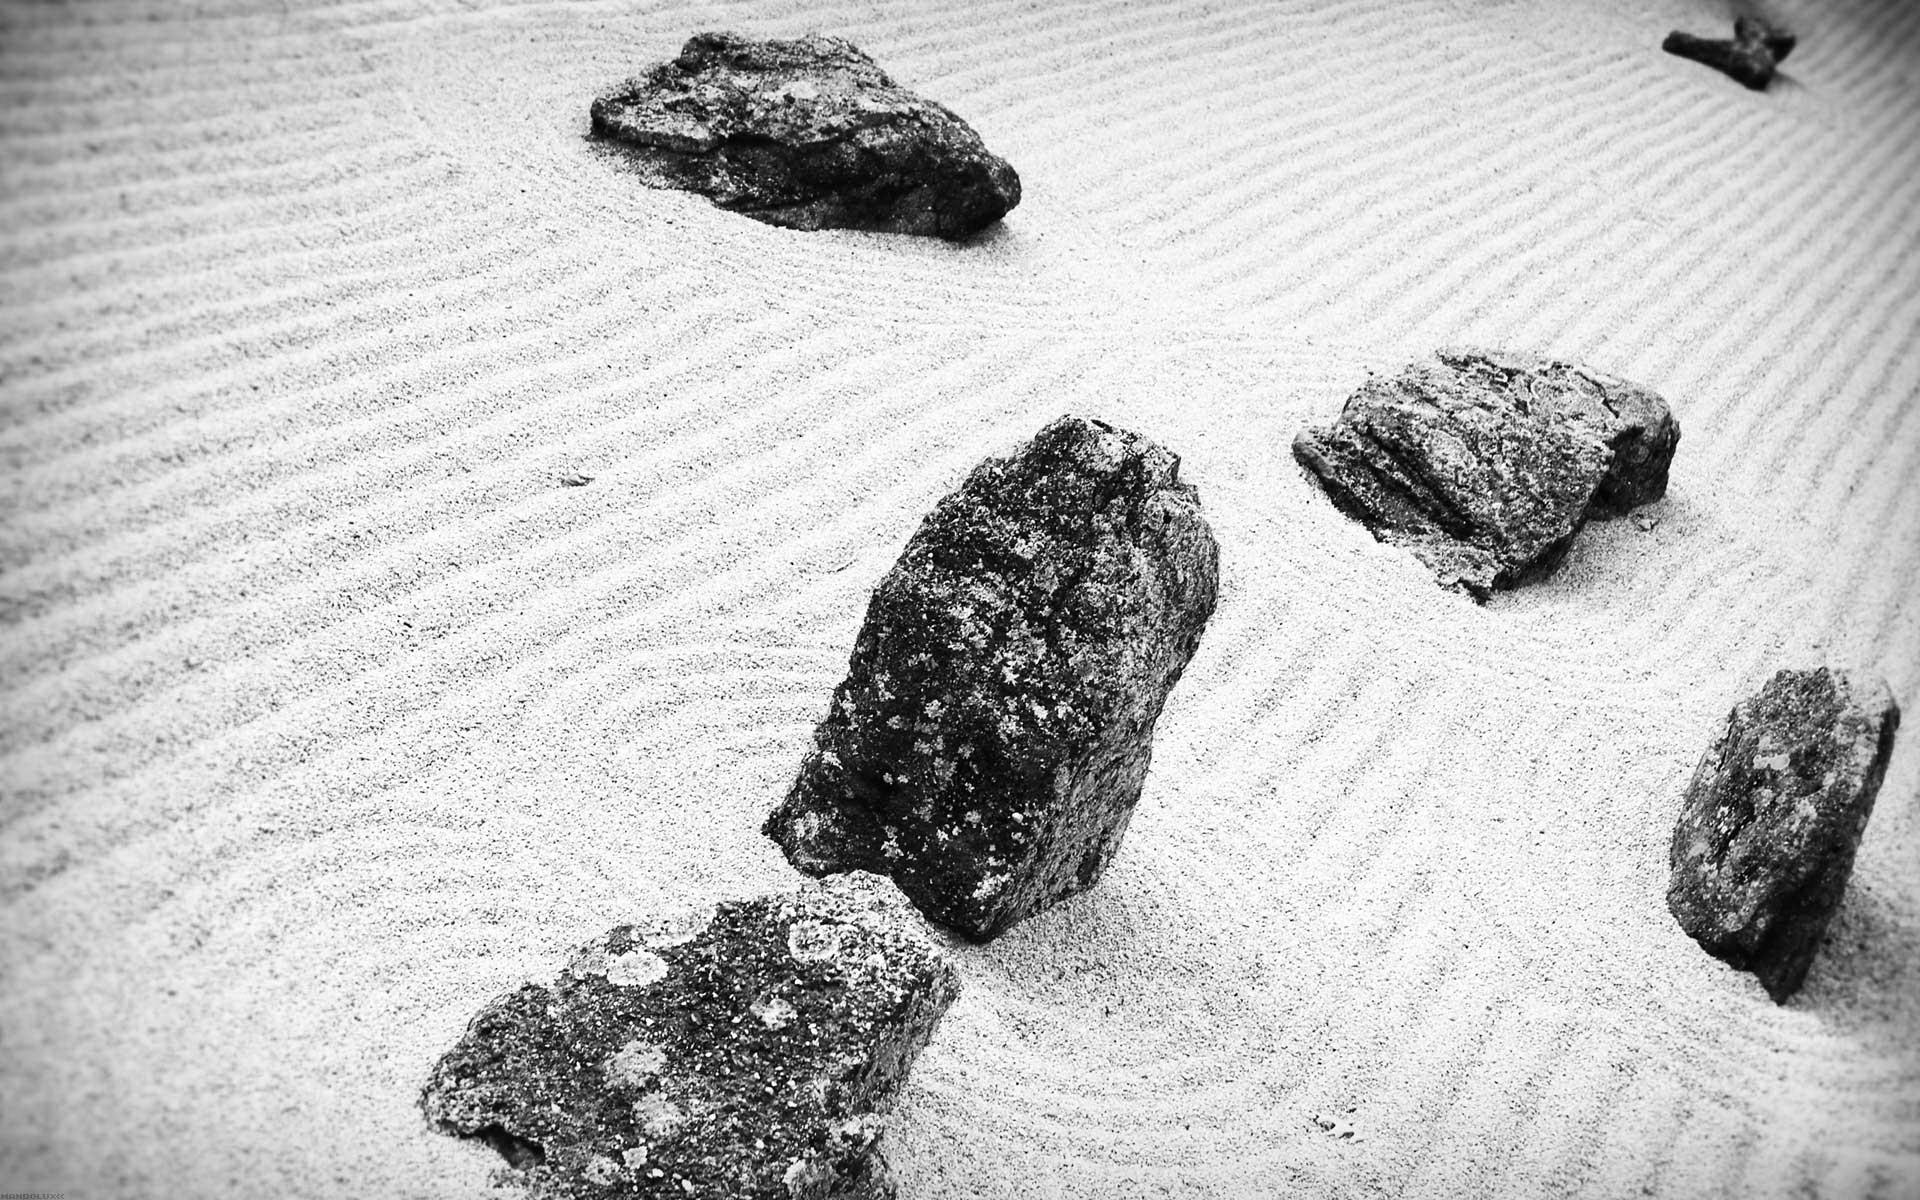 Гладкие черные камни без смс